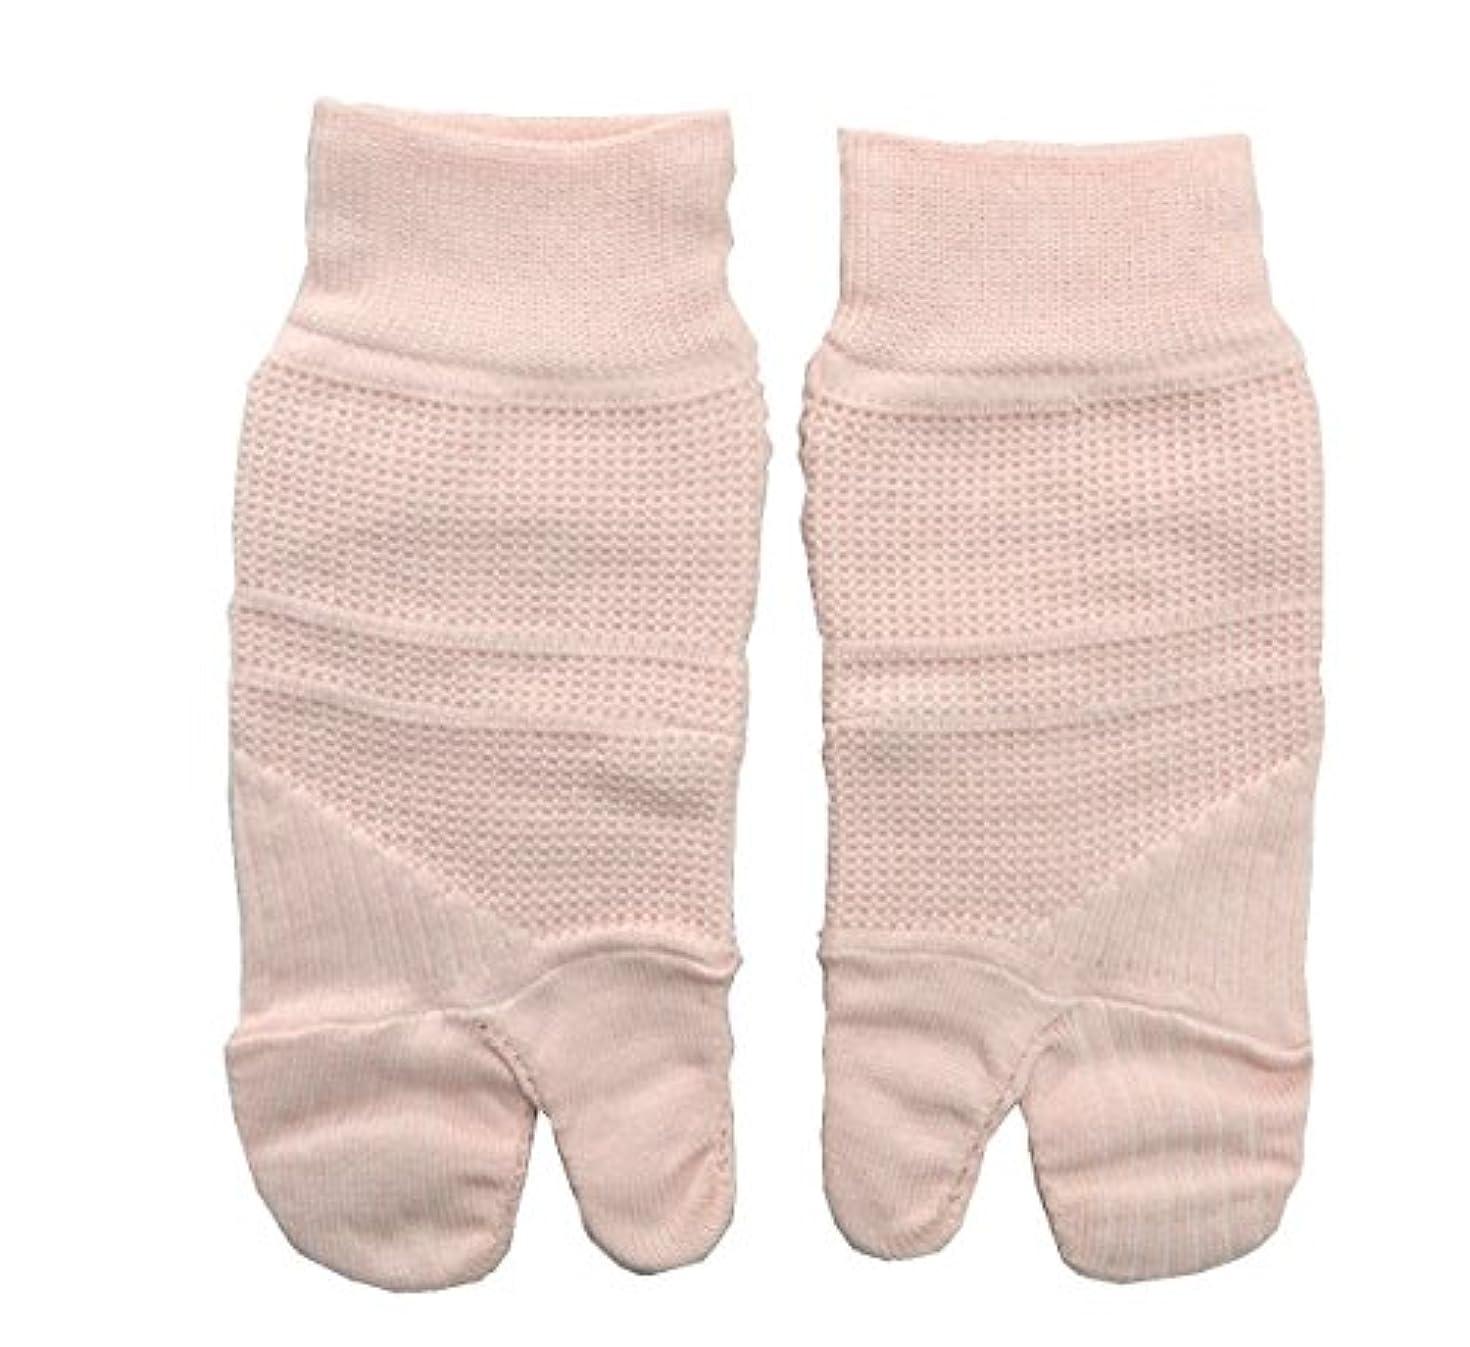 順応性成熟したポーン外反母趾対策靴下(通常タイプ) 着用後でもサイズ交換無料??着用後でも返品可